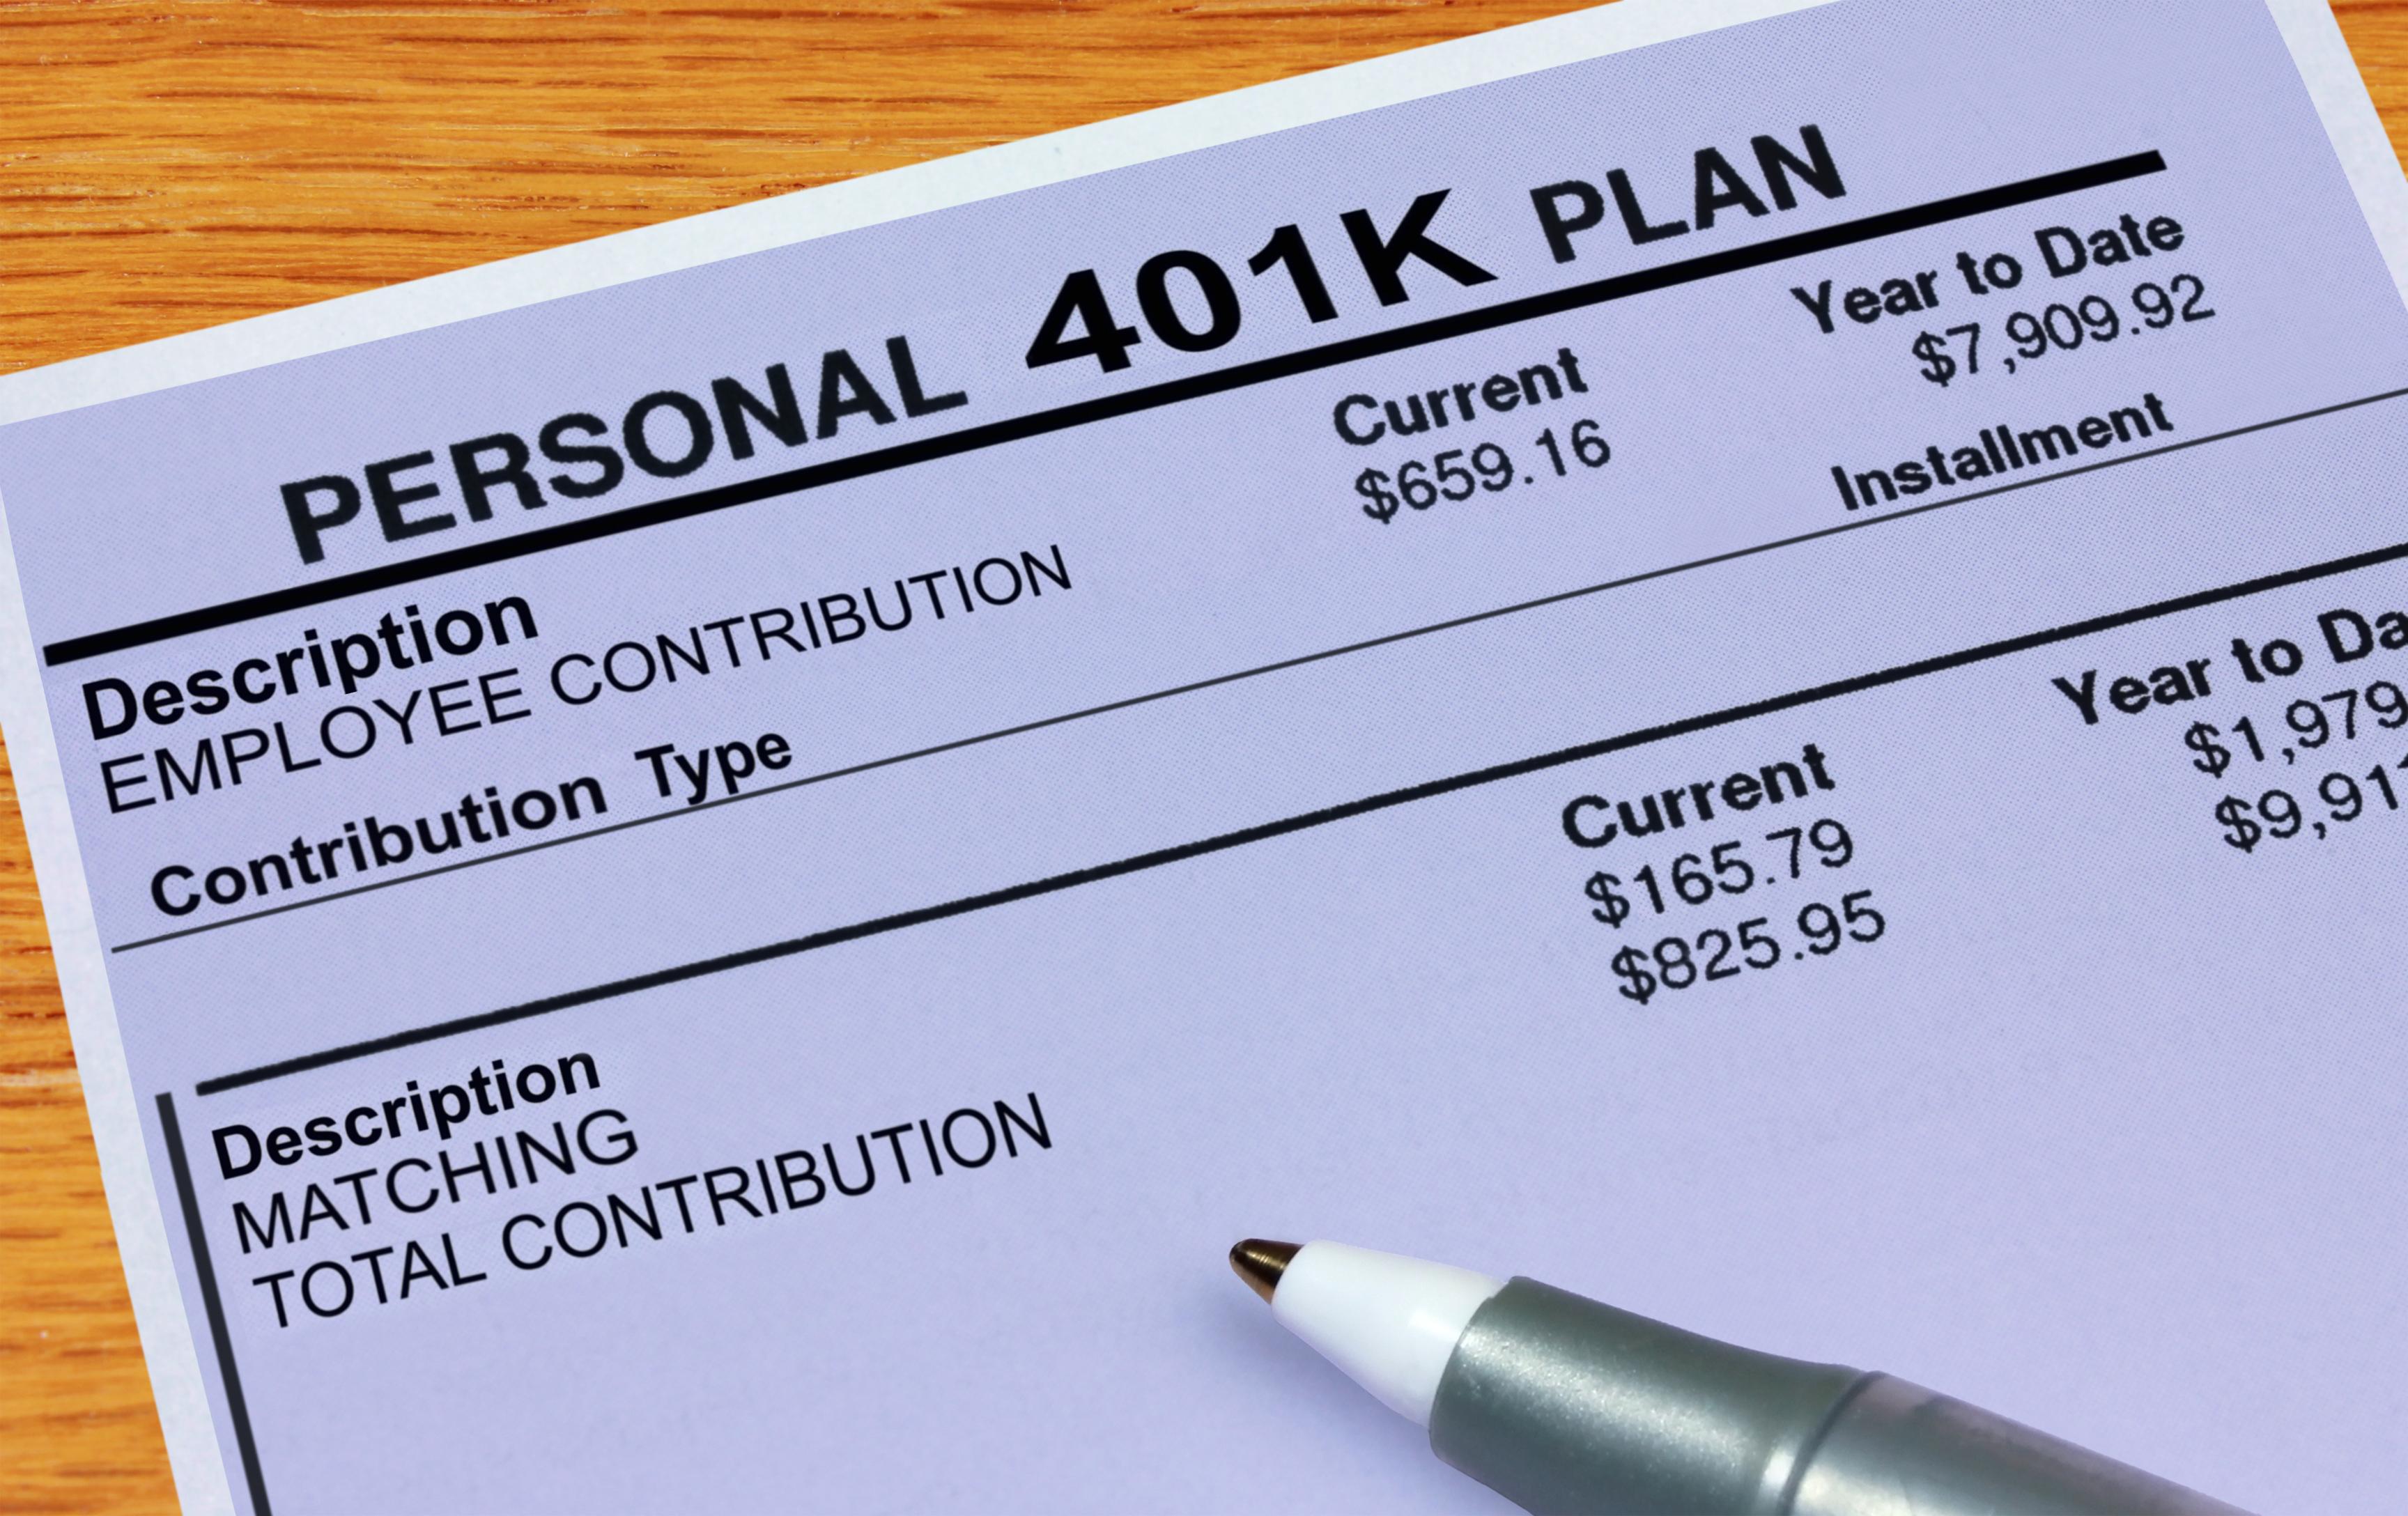 401k statement